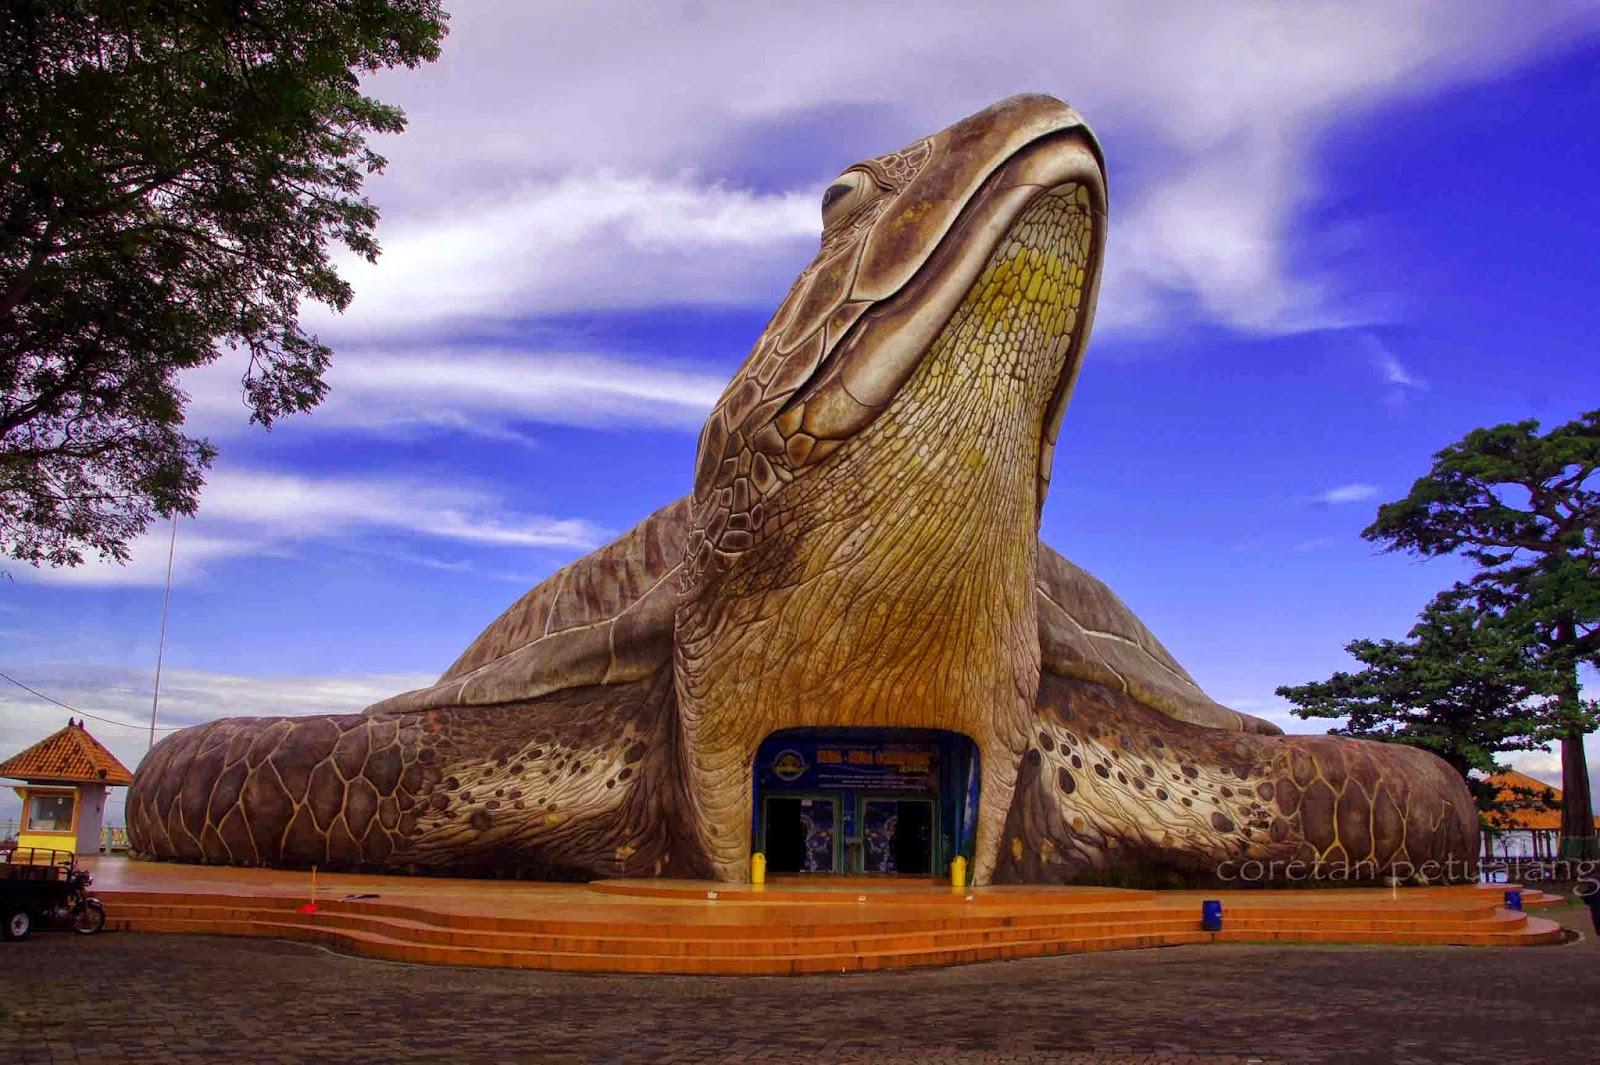 Gambar Wisata Pantai Kartini Jepara Jawa Tengah